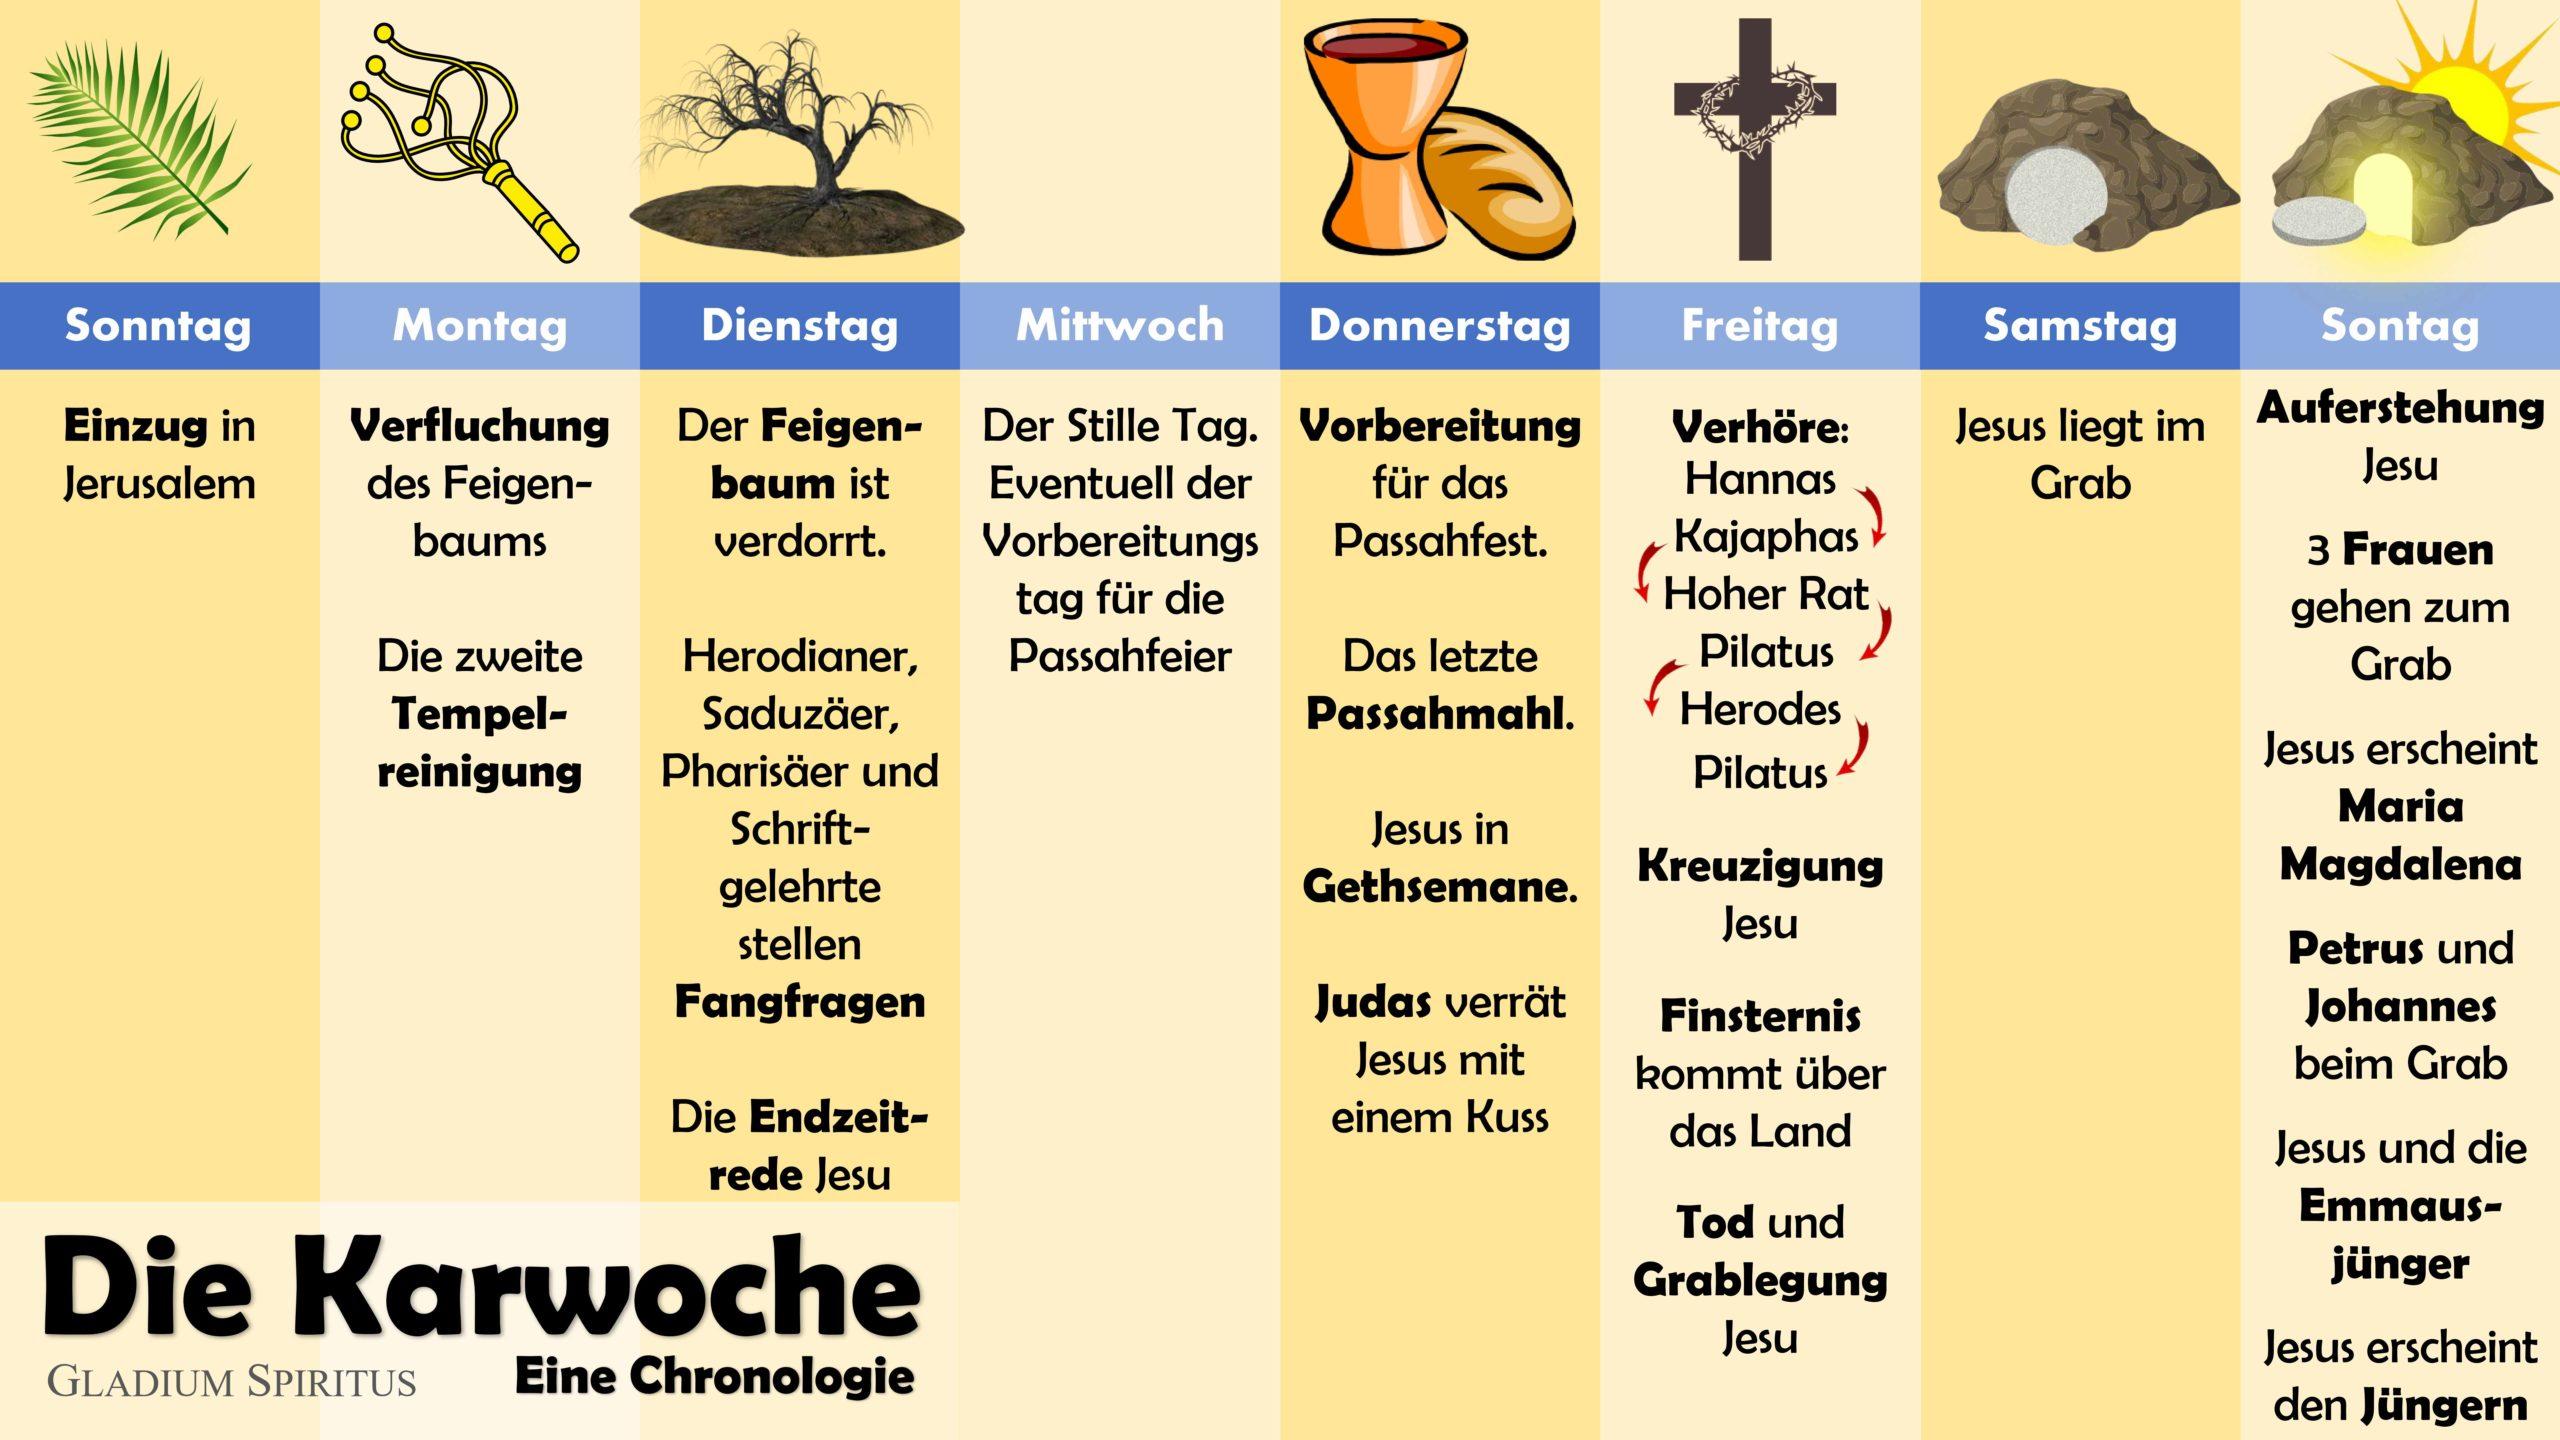 Ablauf und Chronologie des Karwoche, Gründonnerstag, Verurteilung und Kreuzigung Jesu